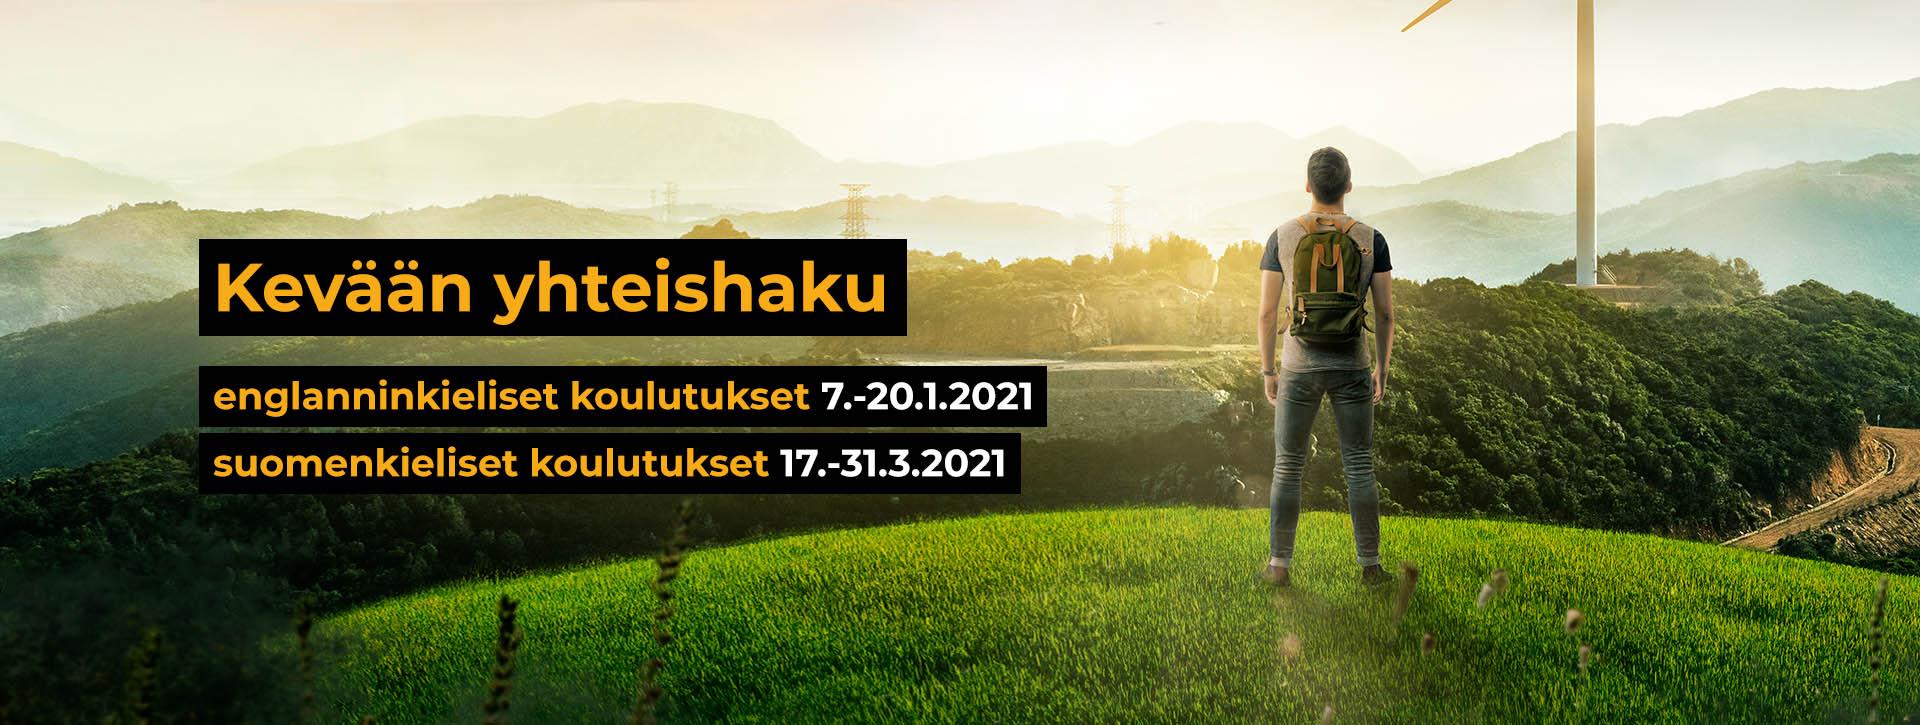 Kevään hakuajat 7.-20.1. ja 17.-31.3.2021